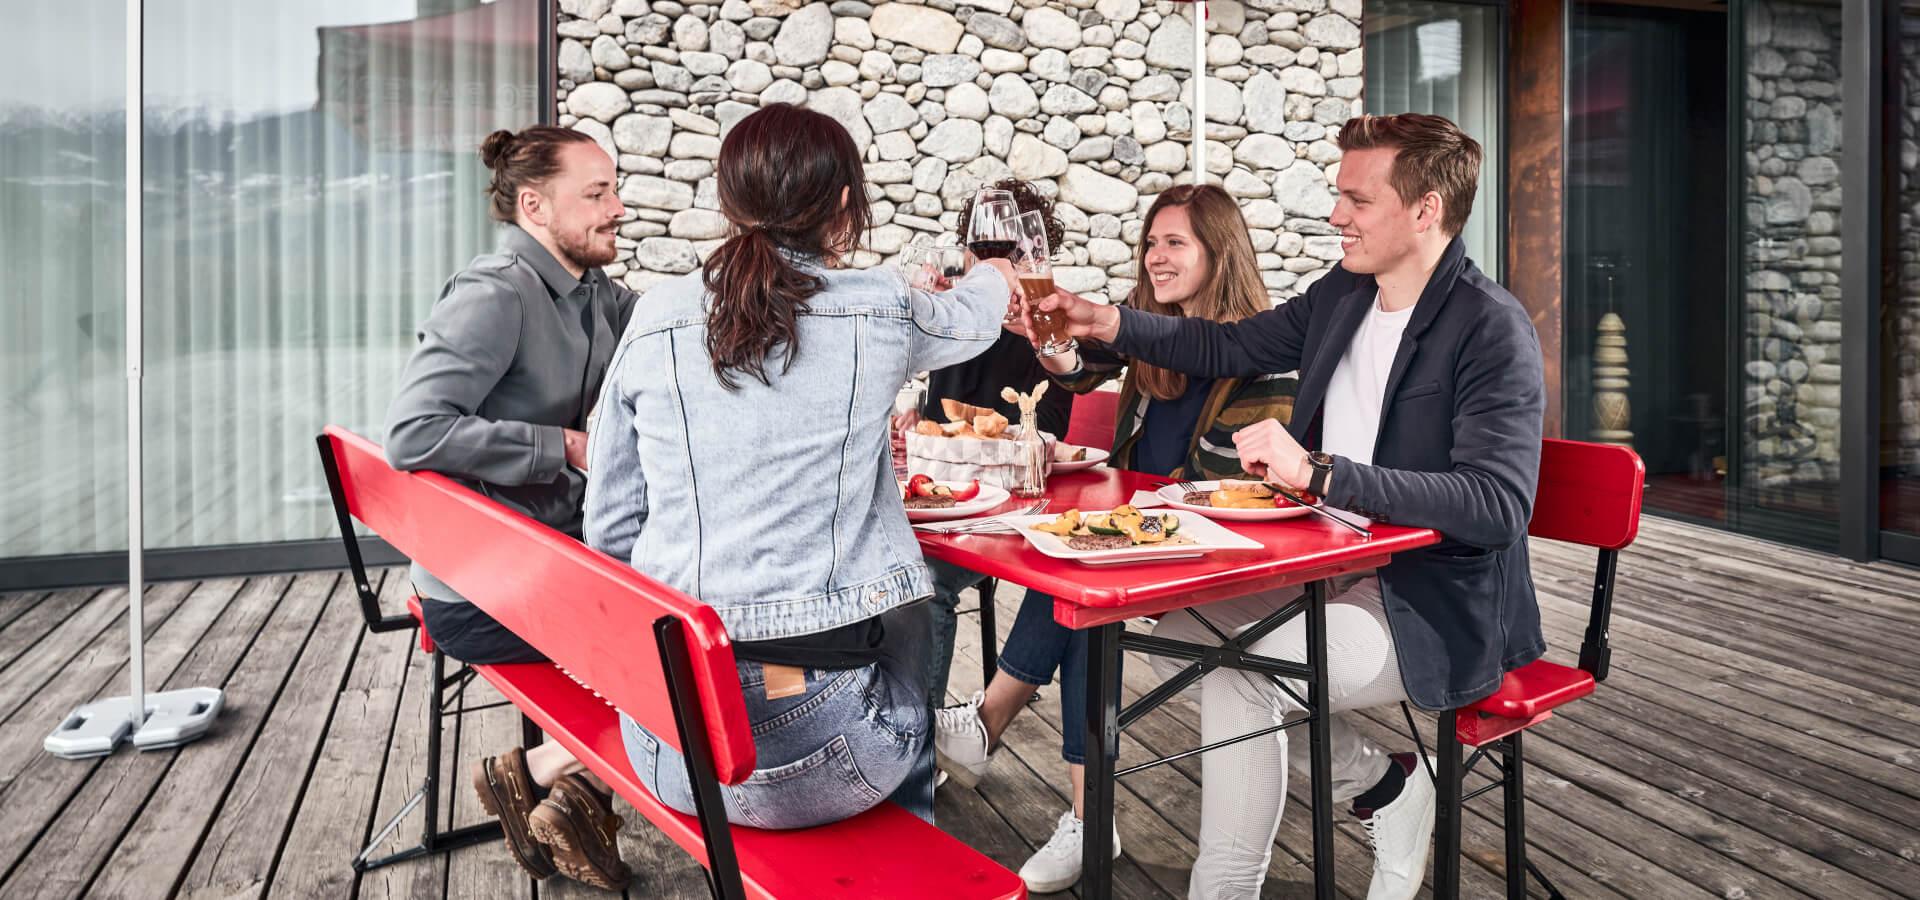 Fünf Personen stoßen beim Essen gemeinsam, auf einer Bierzeltgarnitur und unter einem Faltpavillon im FC Bayern München Stil, an.